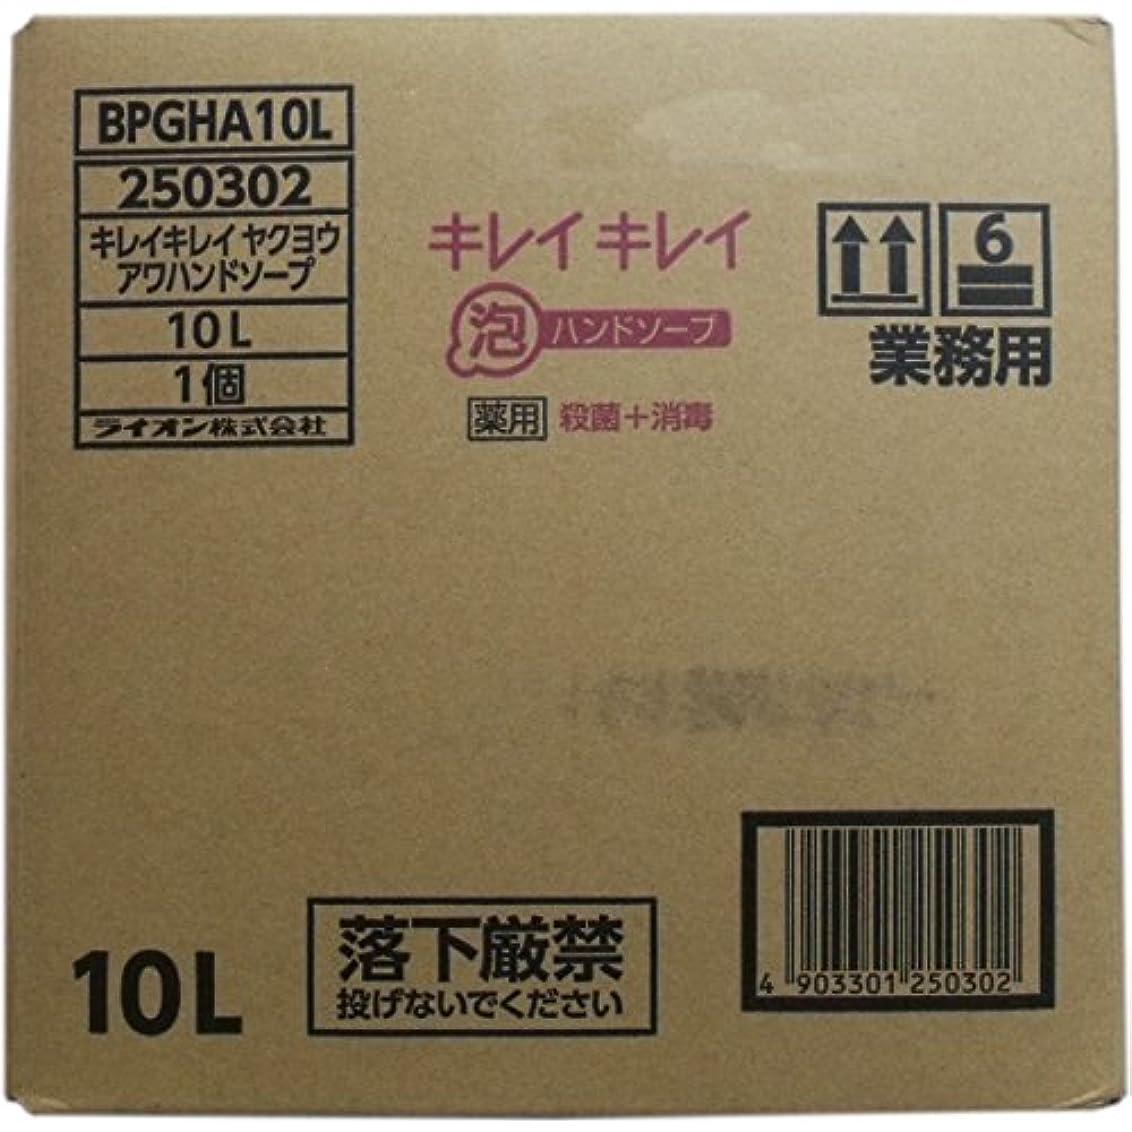 食器棚浸透する水を飲む業務用キレイキレイ 薬用泡ハンドソープ 10L×10個セット